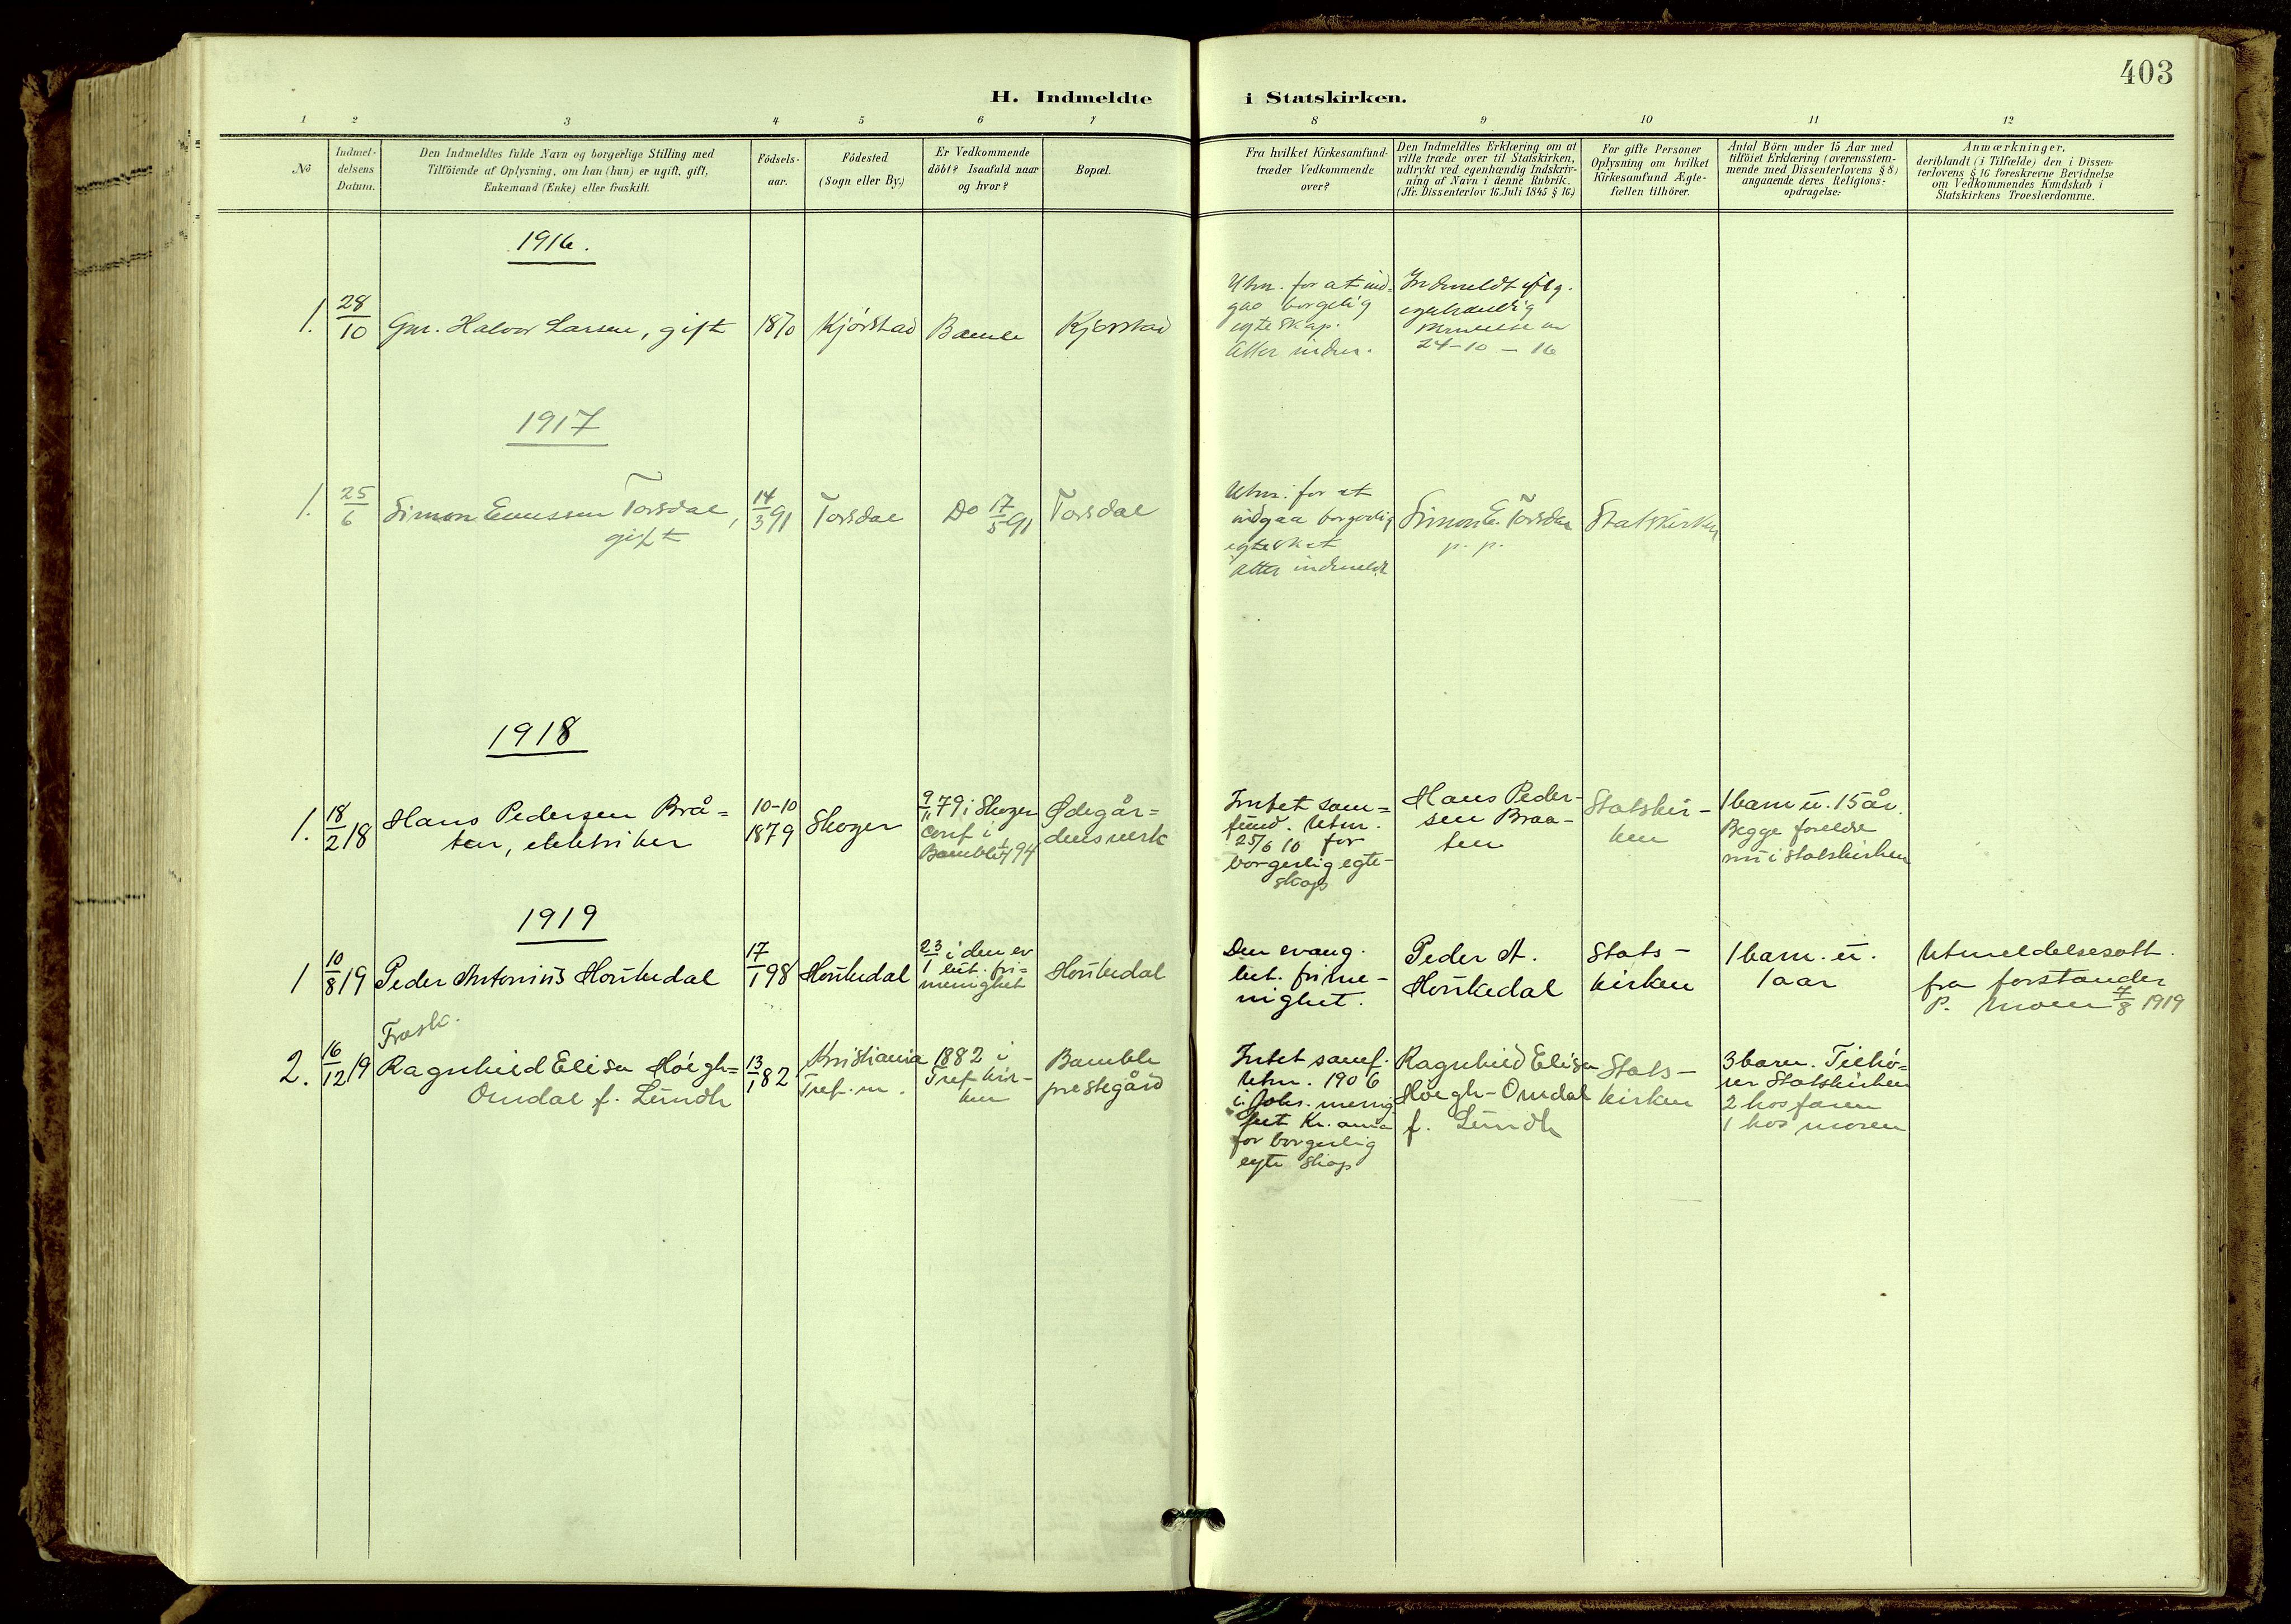 SAKO, Bamble kirkebøker, G/Ga/L0010: Klokkerbok nr. I 10, 1901-1919, s. 403